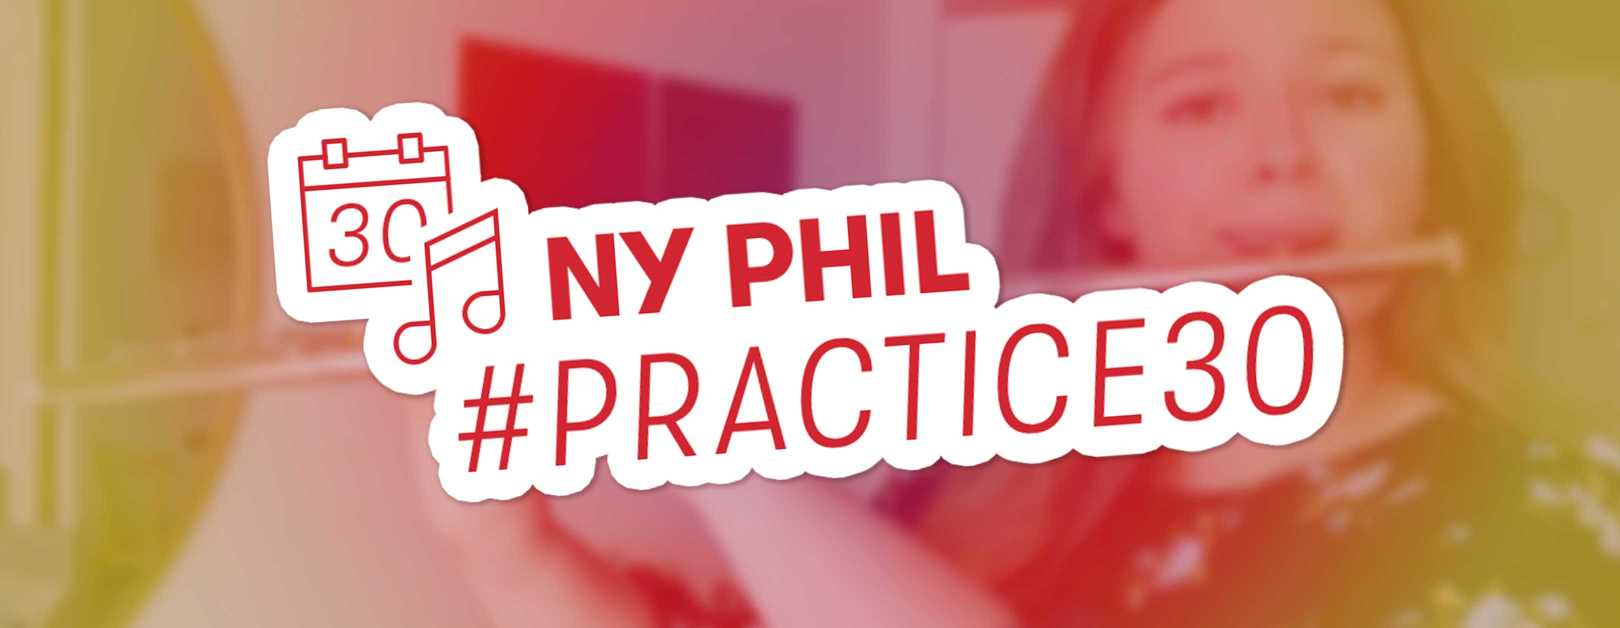 Practice 30 Challenge, August 1–30